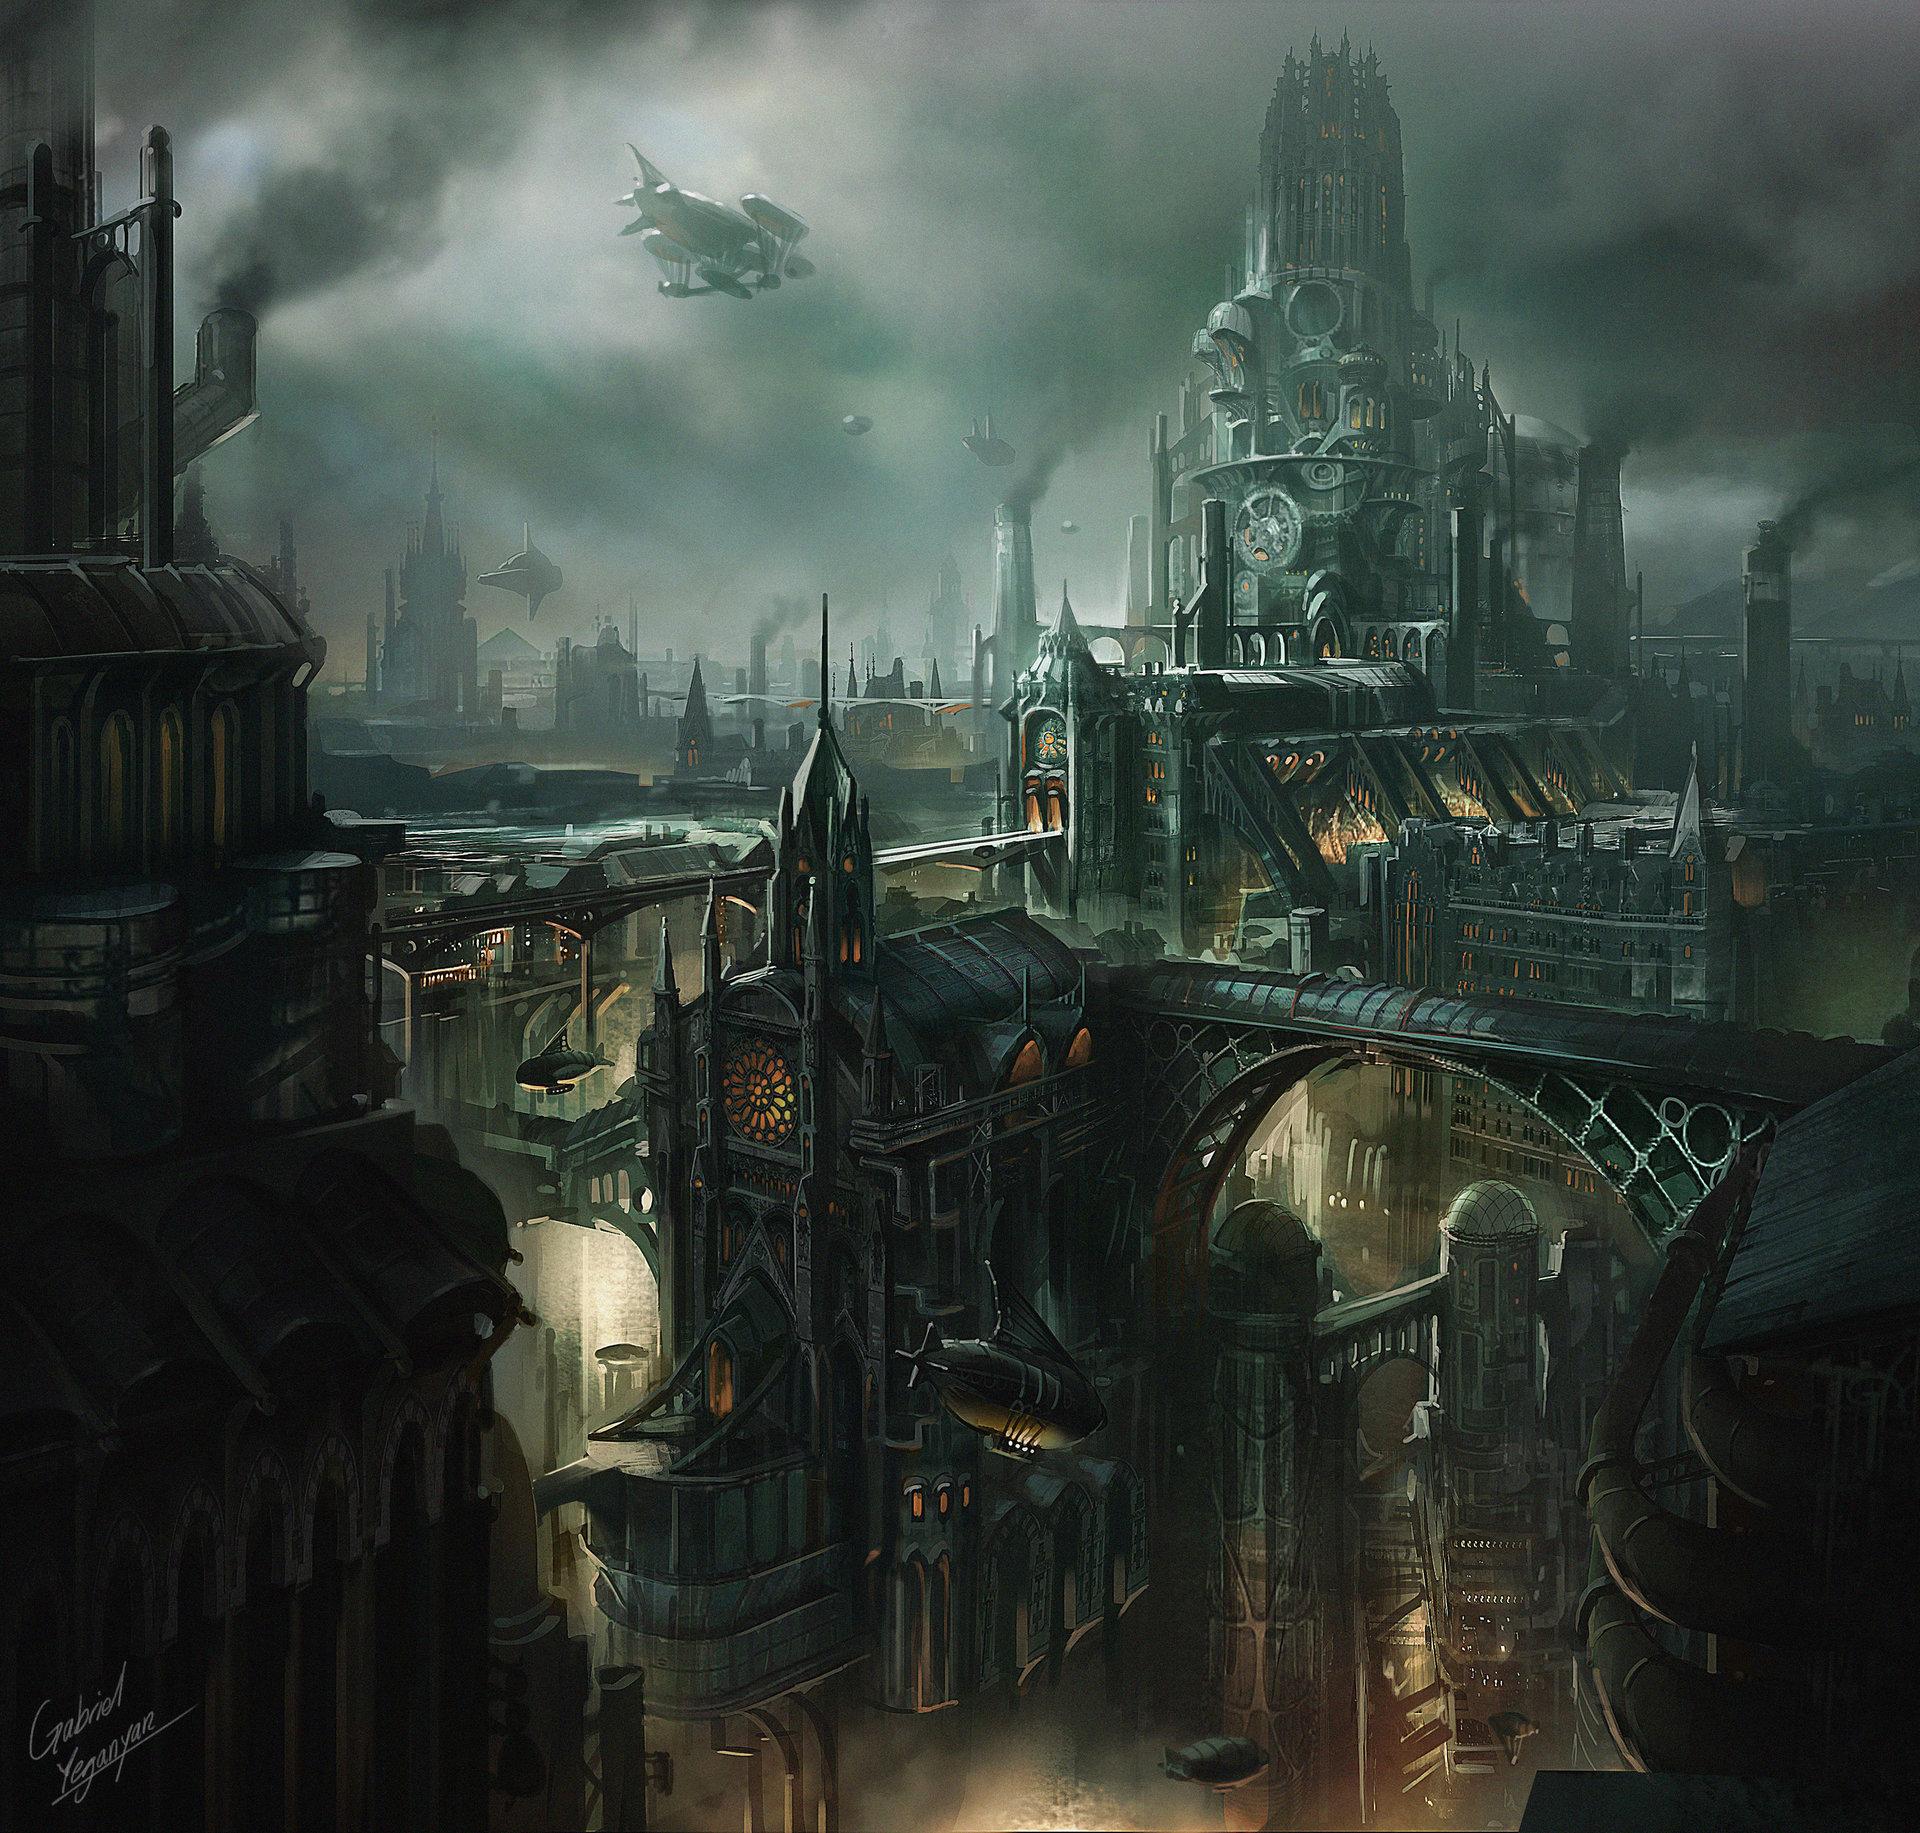 Gabriel yeganyan gy lantern city3 signed